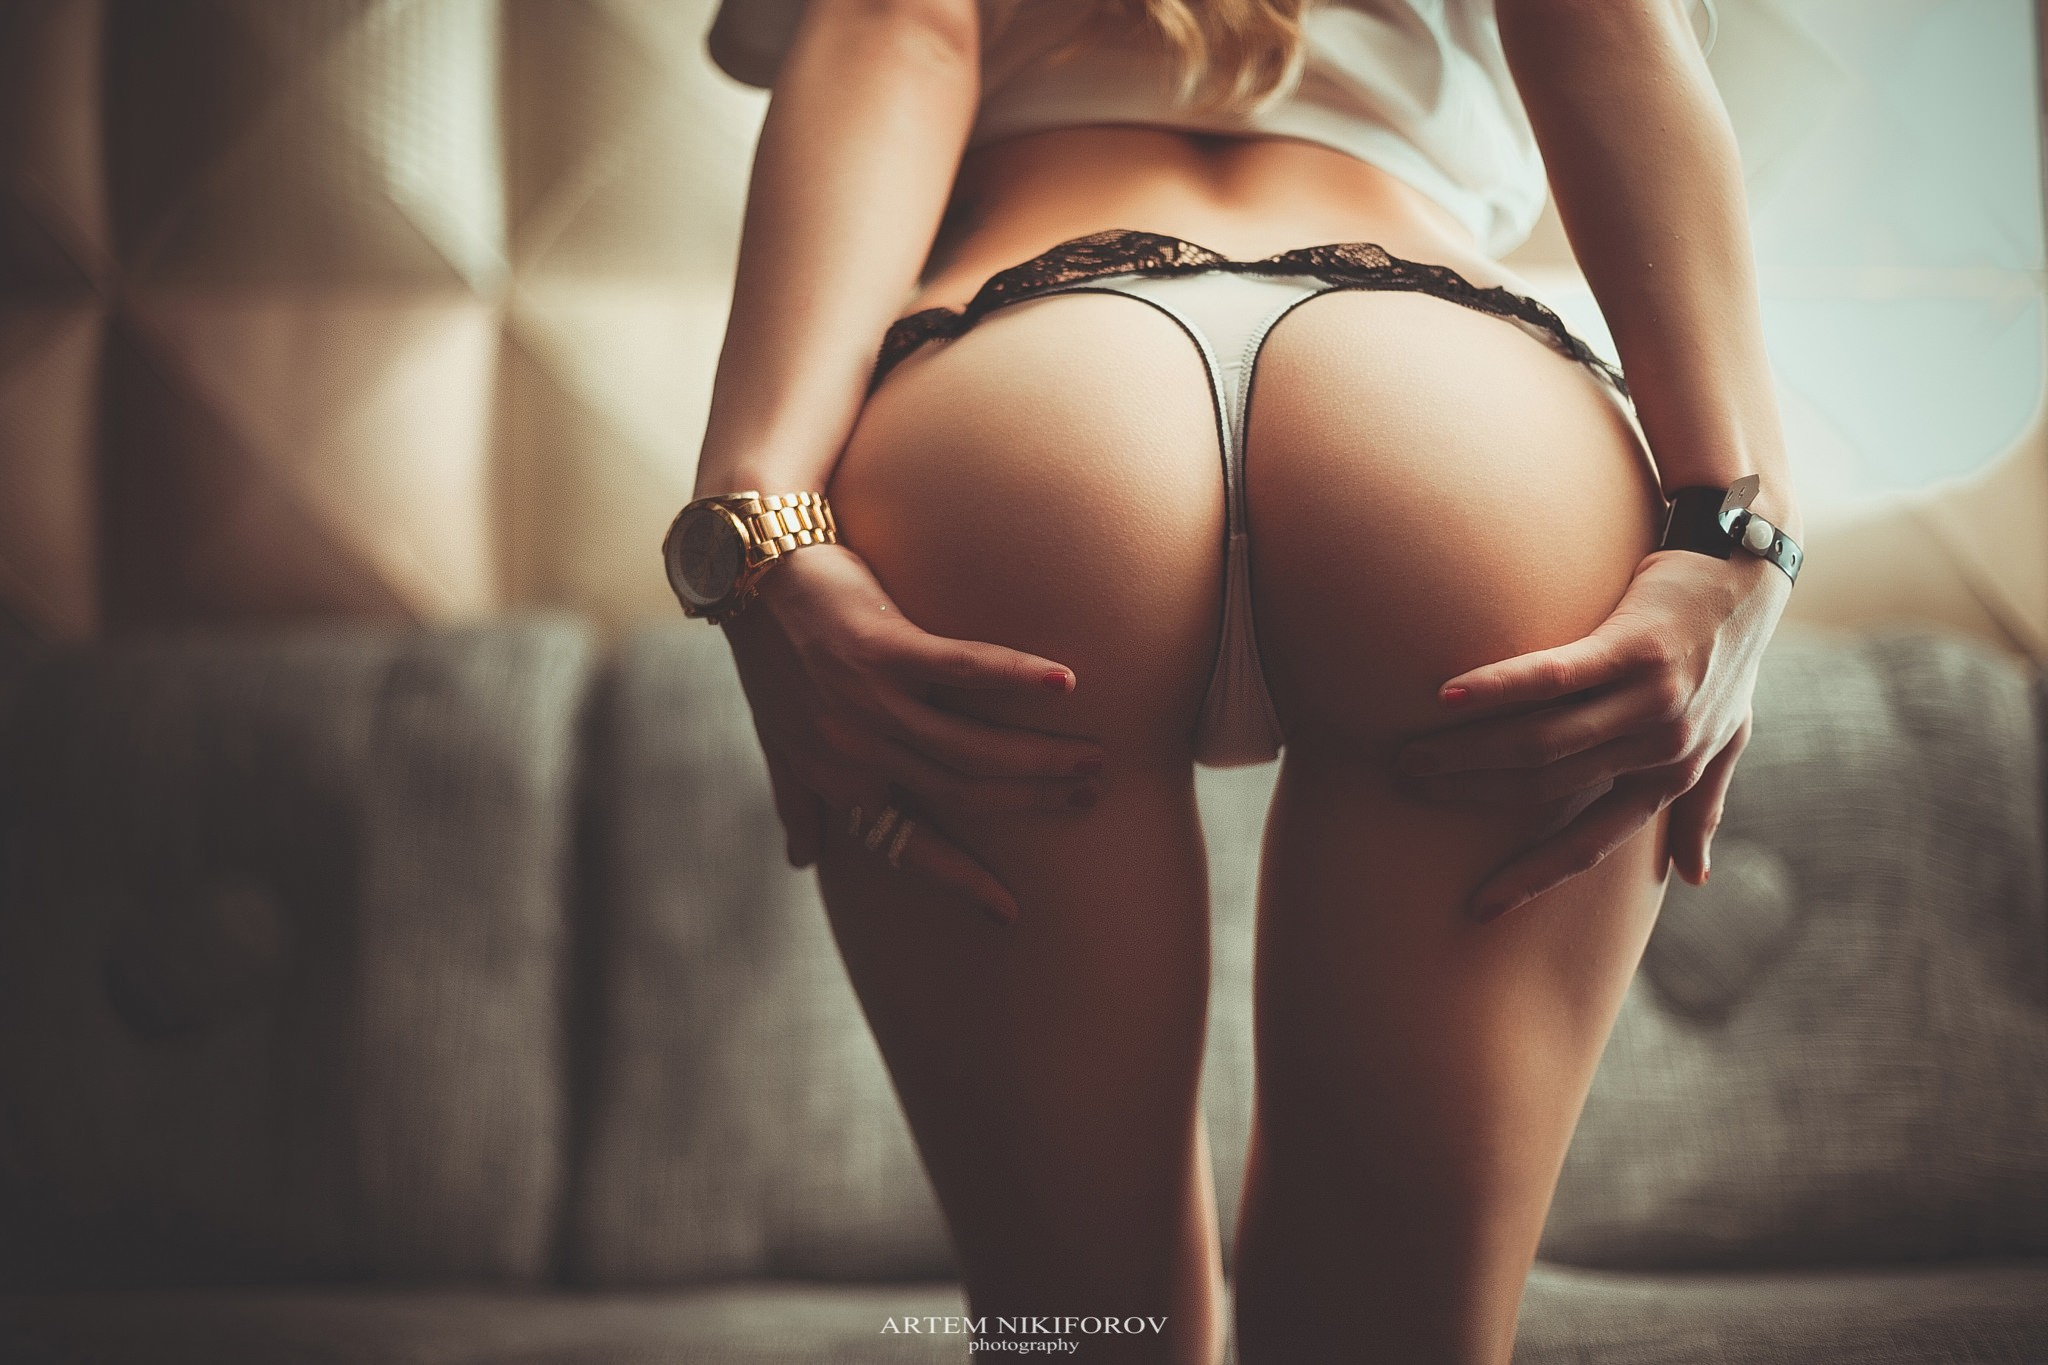 голые попы девушек женские попки и жопы фото эротика